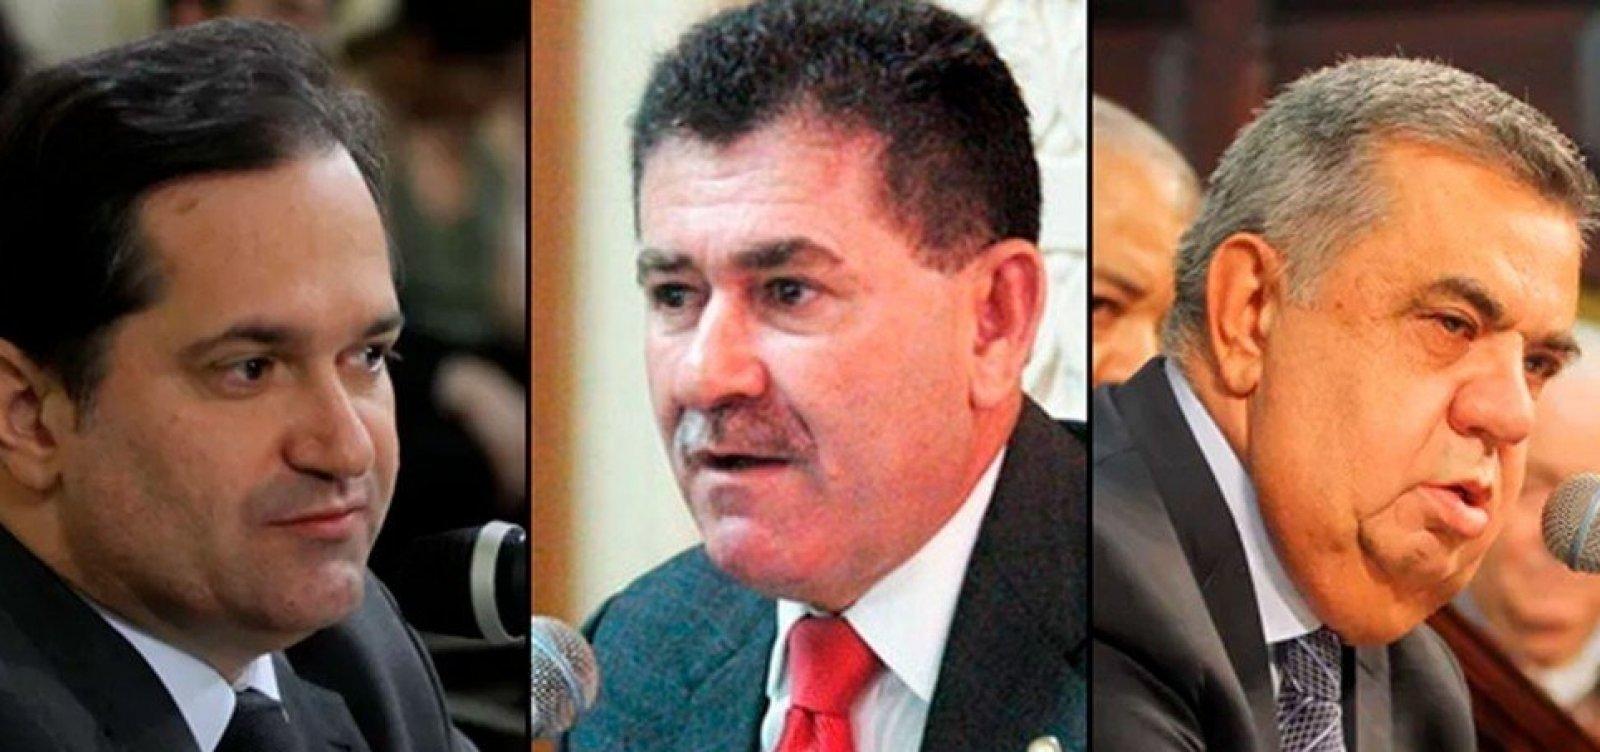 [Procuradoria pede condenação de Picciani, Melo e Albertassi para 'organização criminosa']